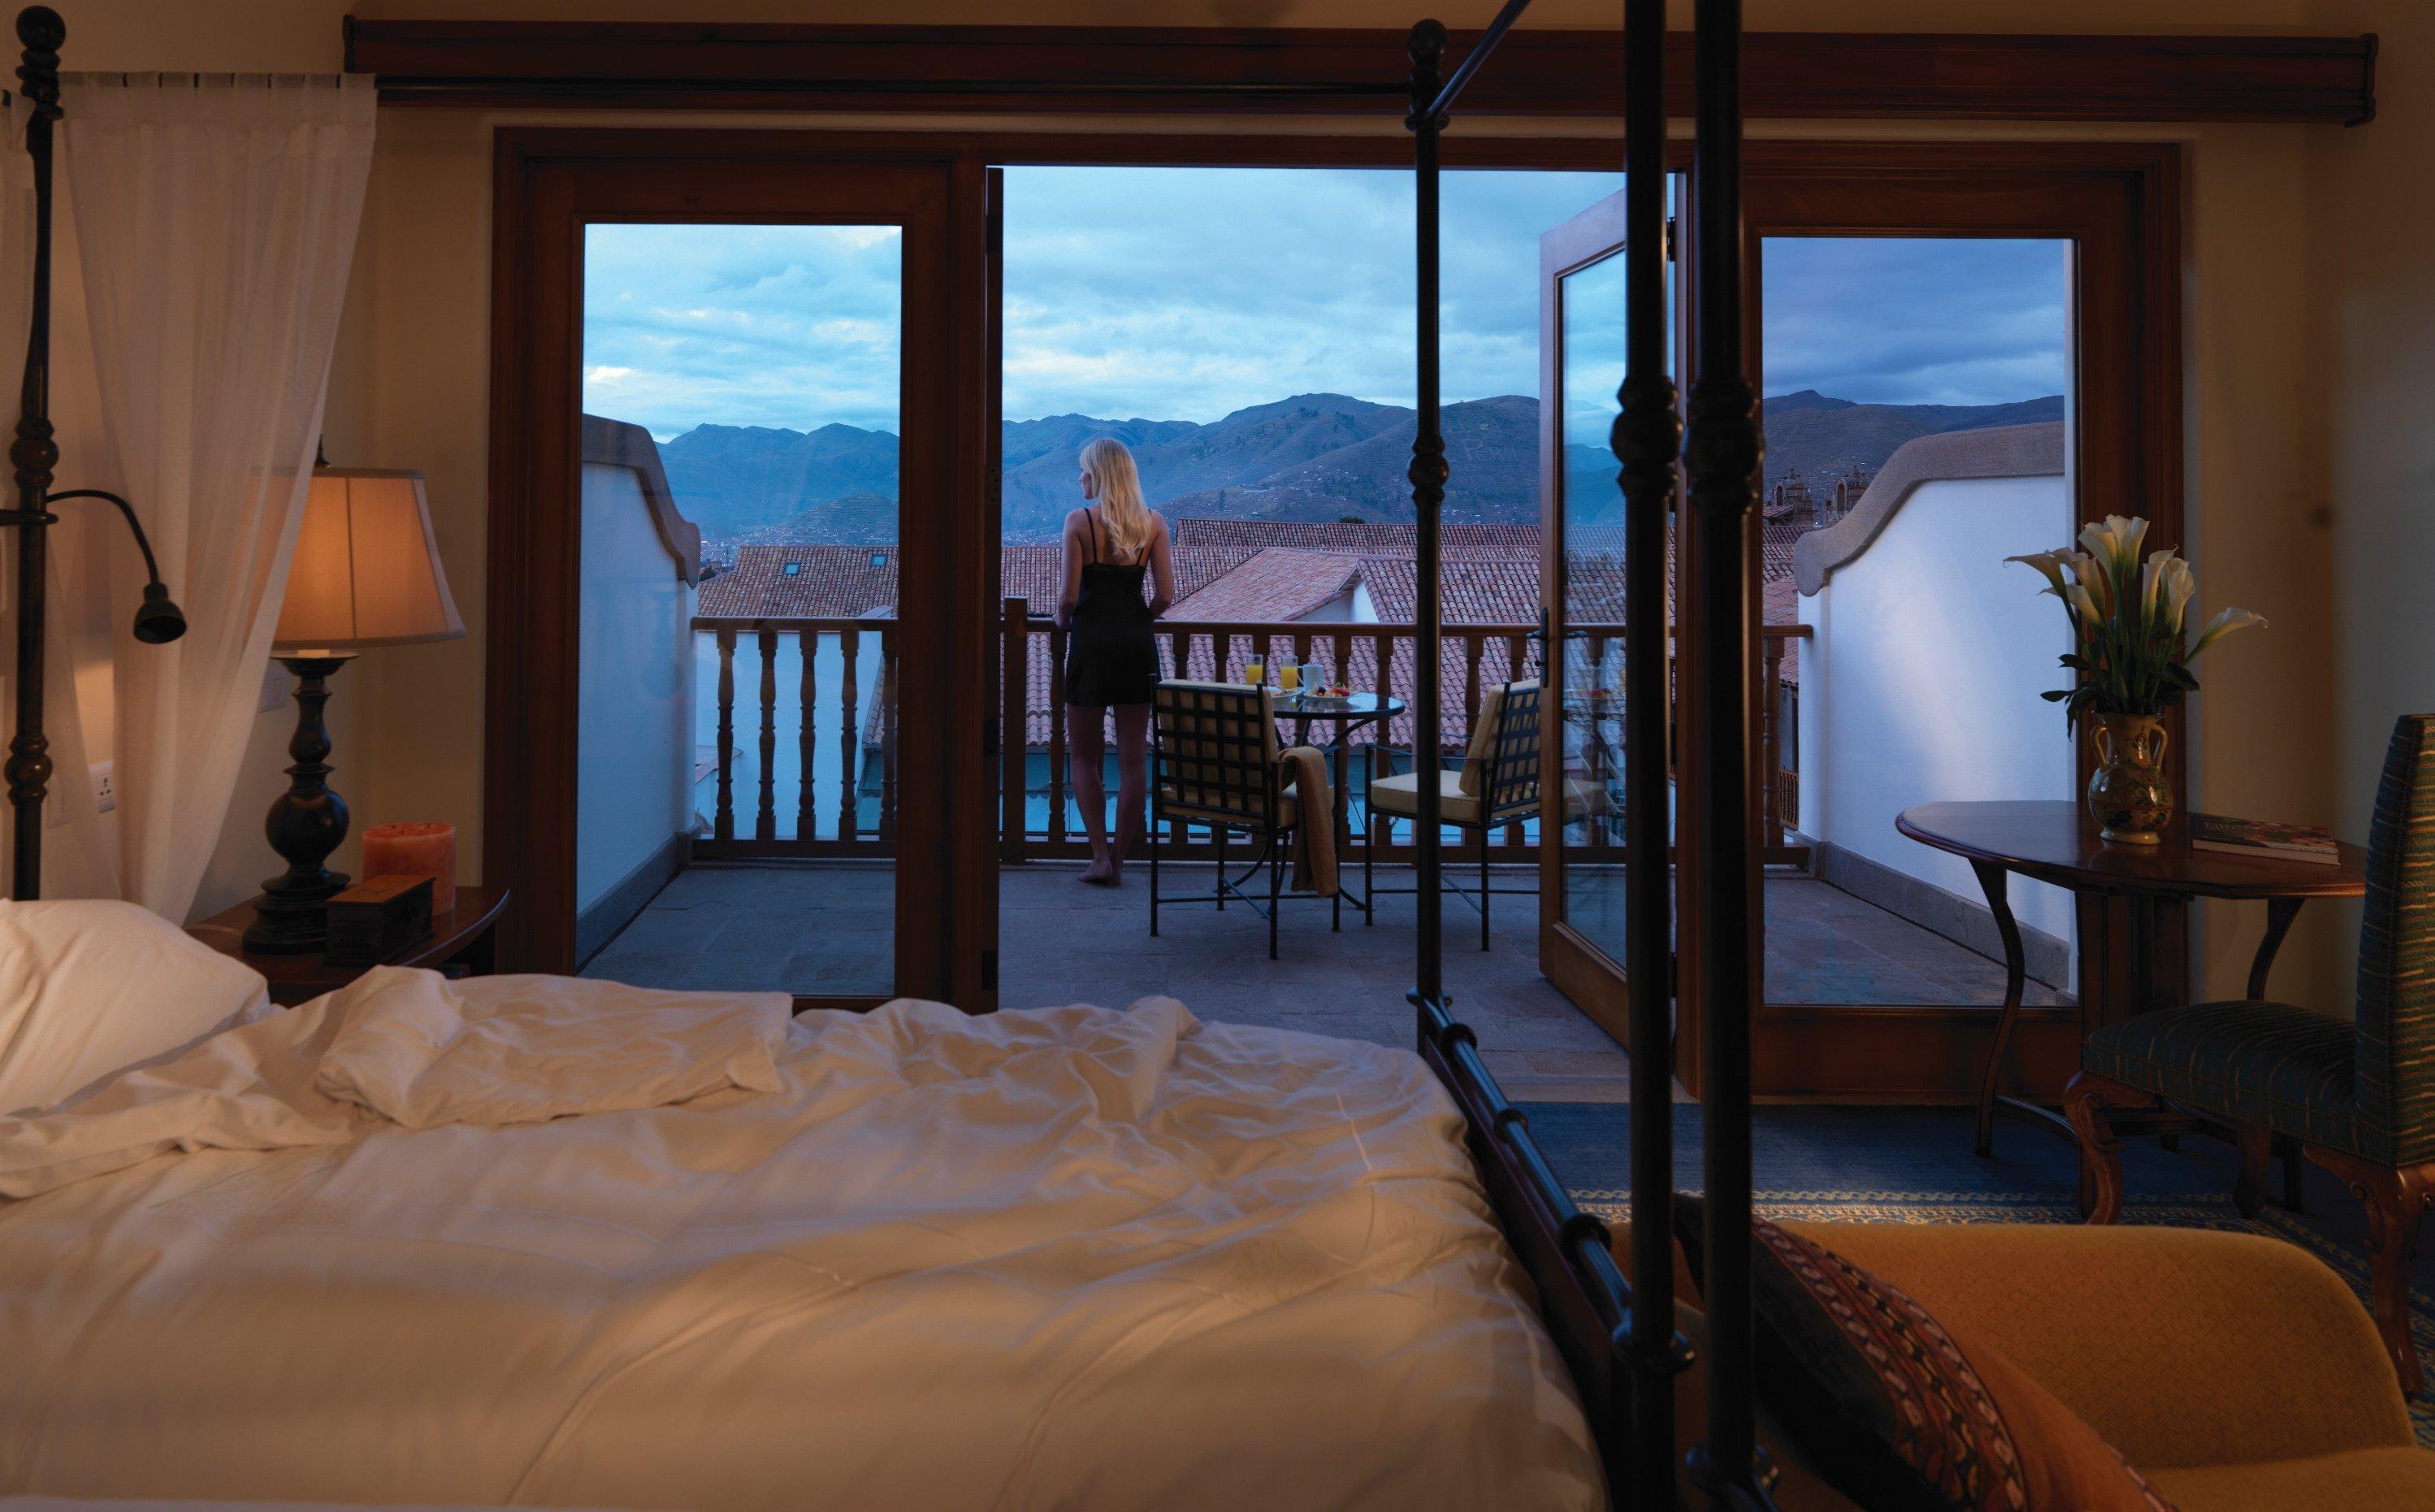 palacio-nazarenas-cuzco-suite-view